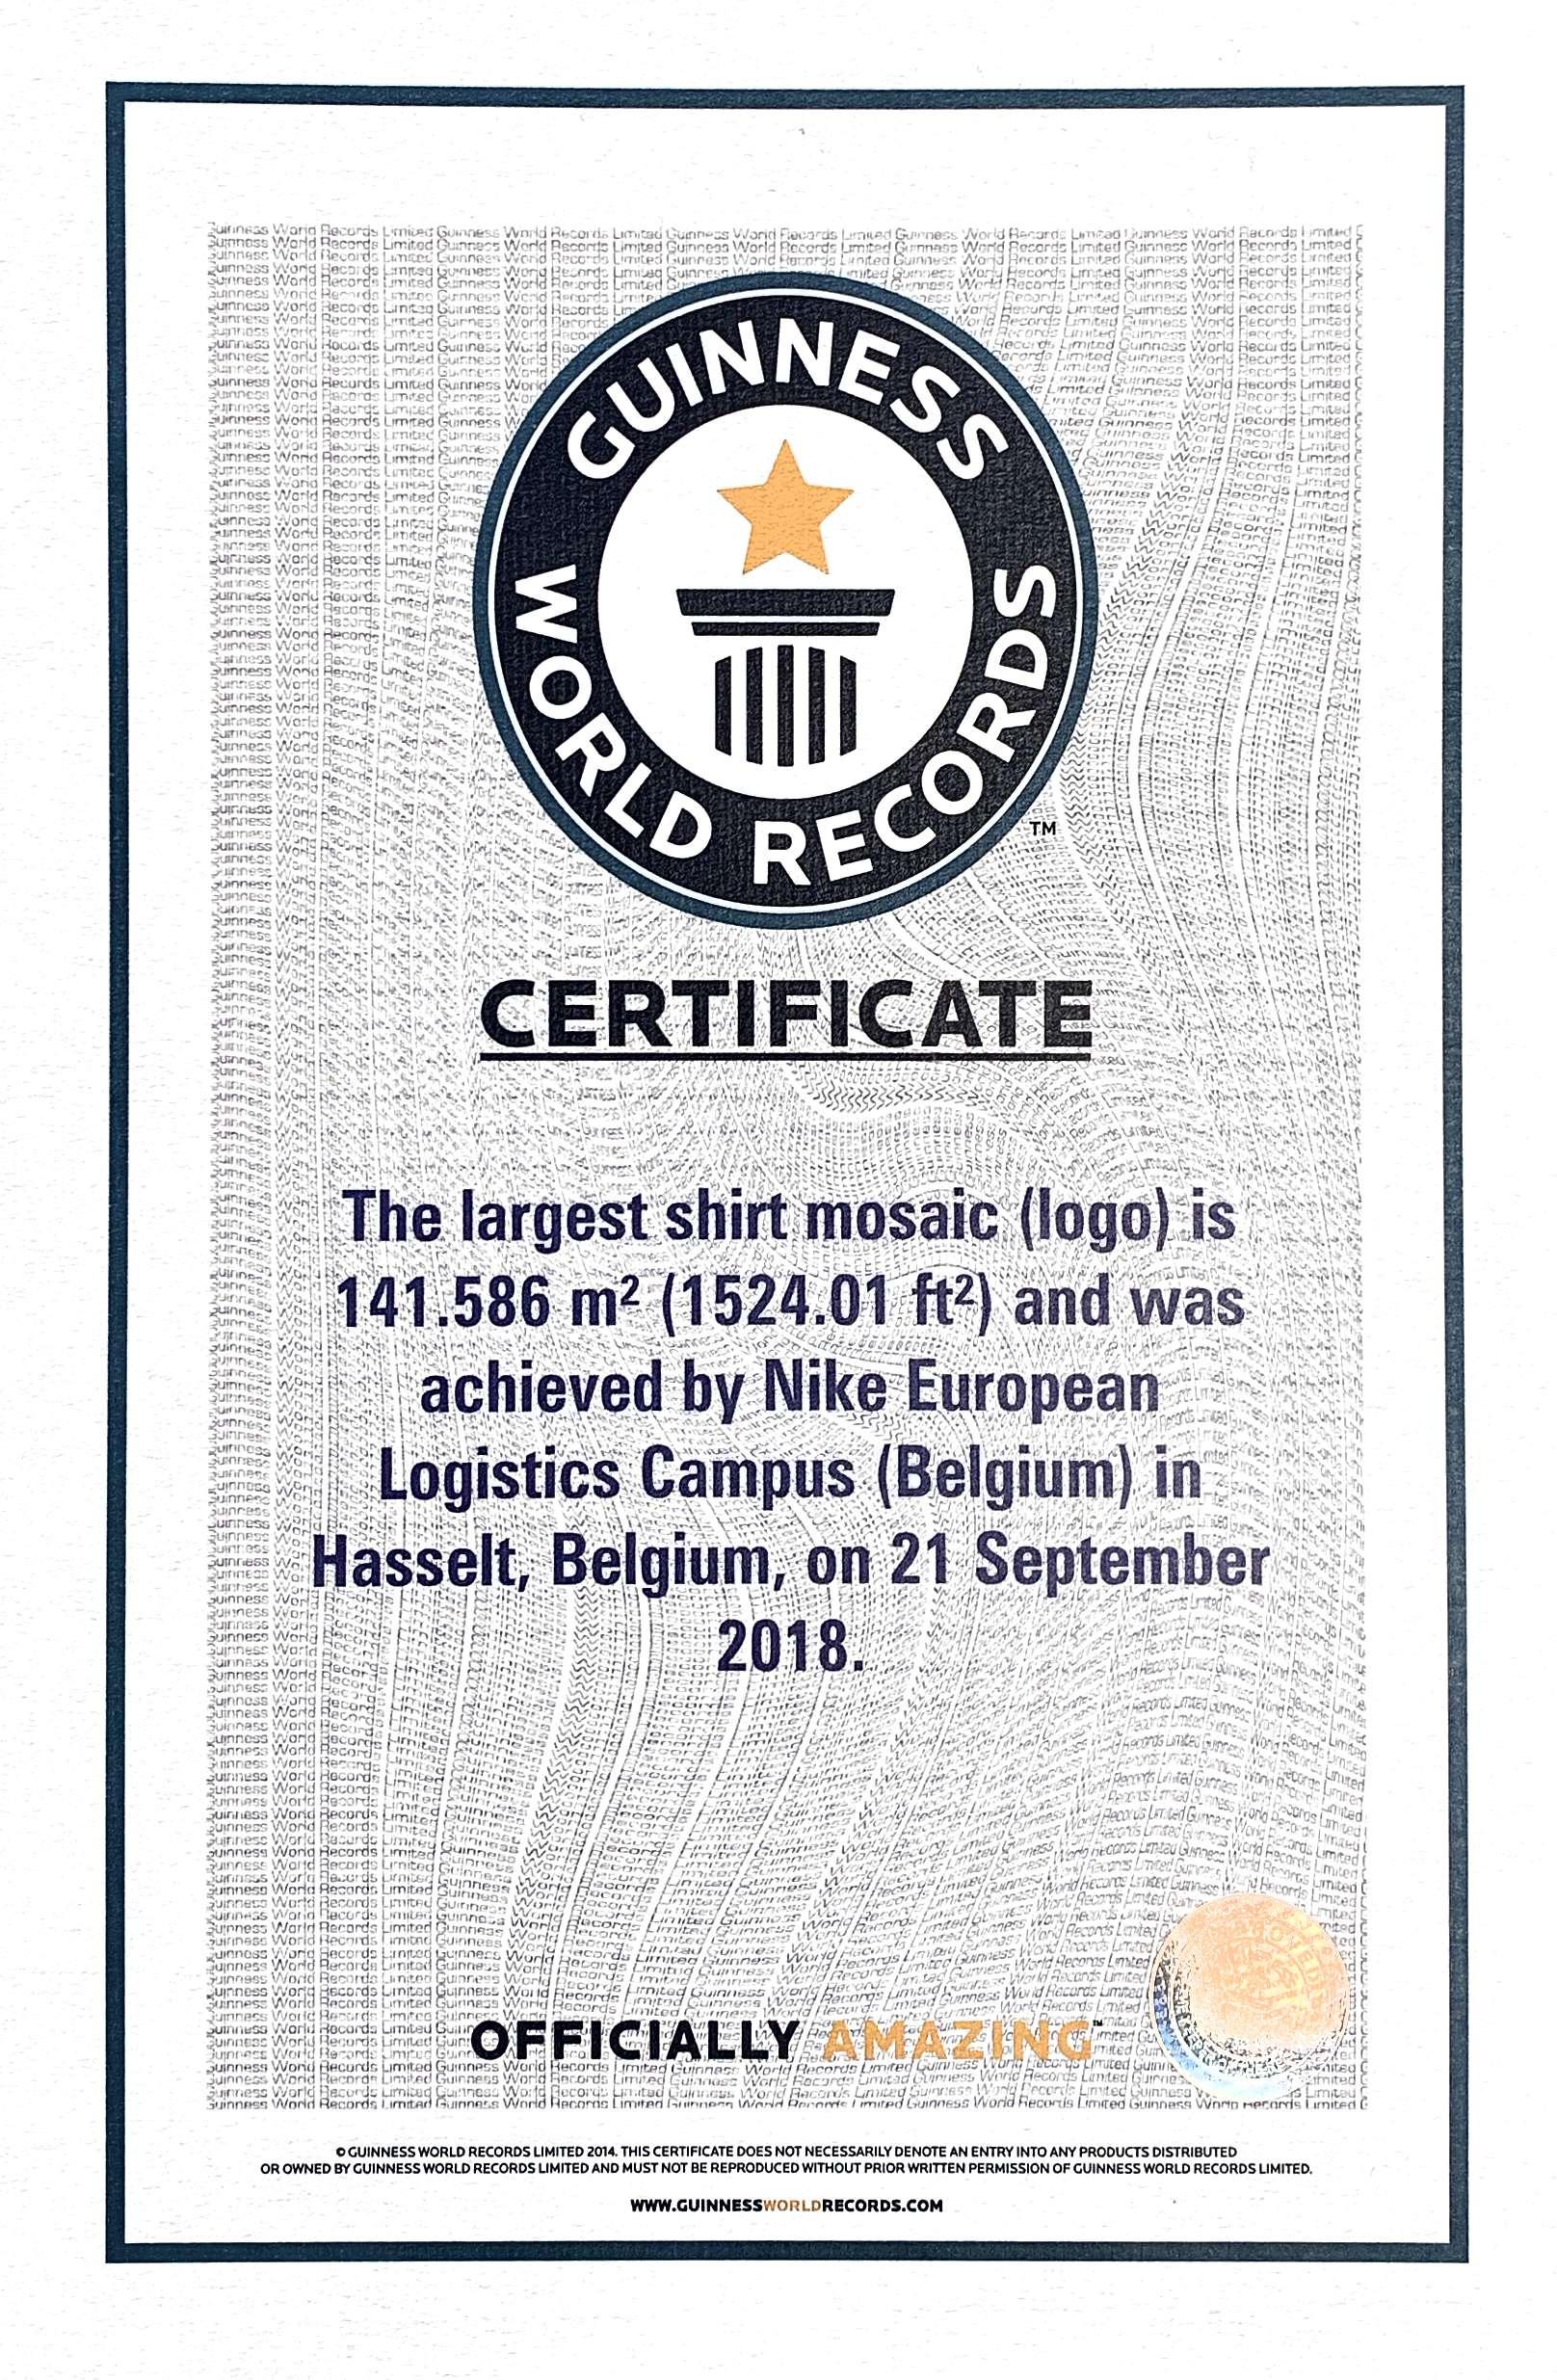 Guinness World Records NBP 2.JPG